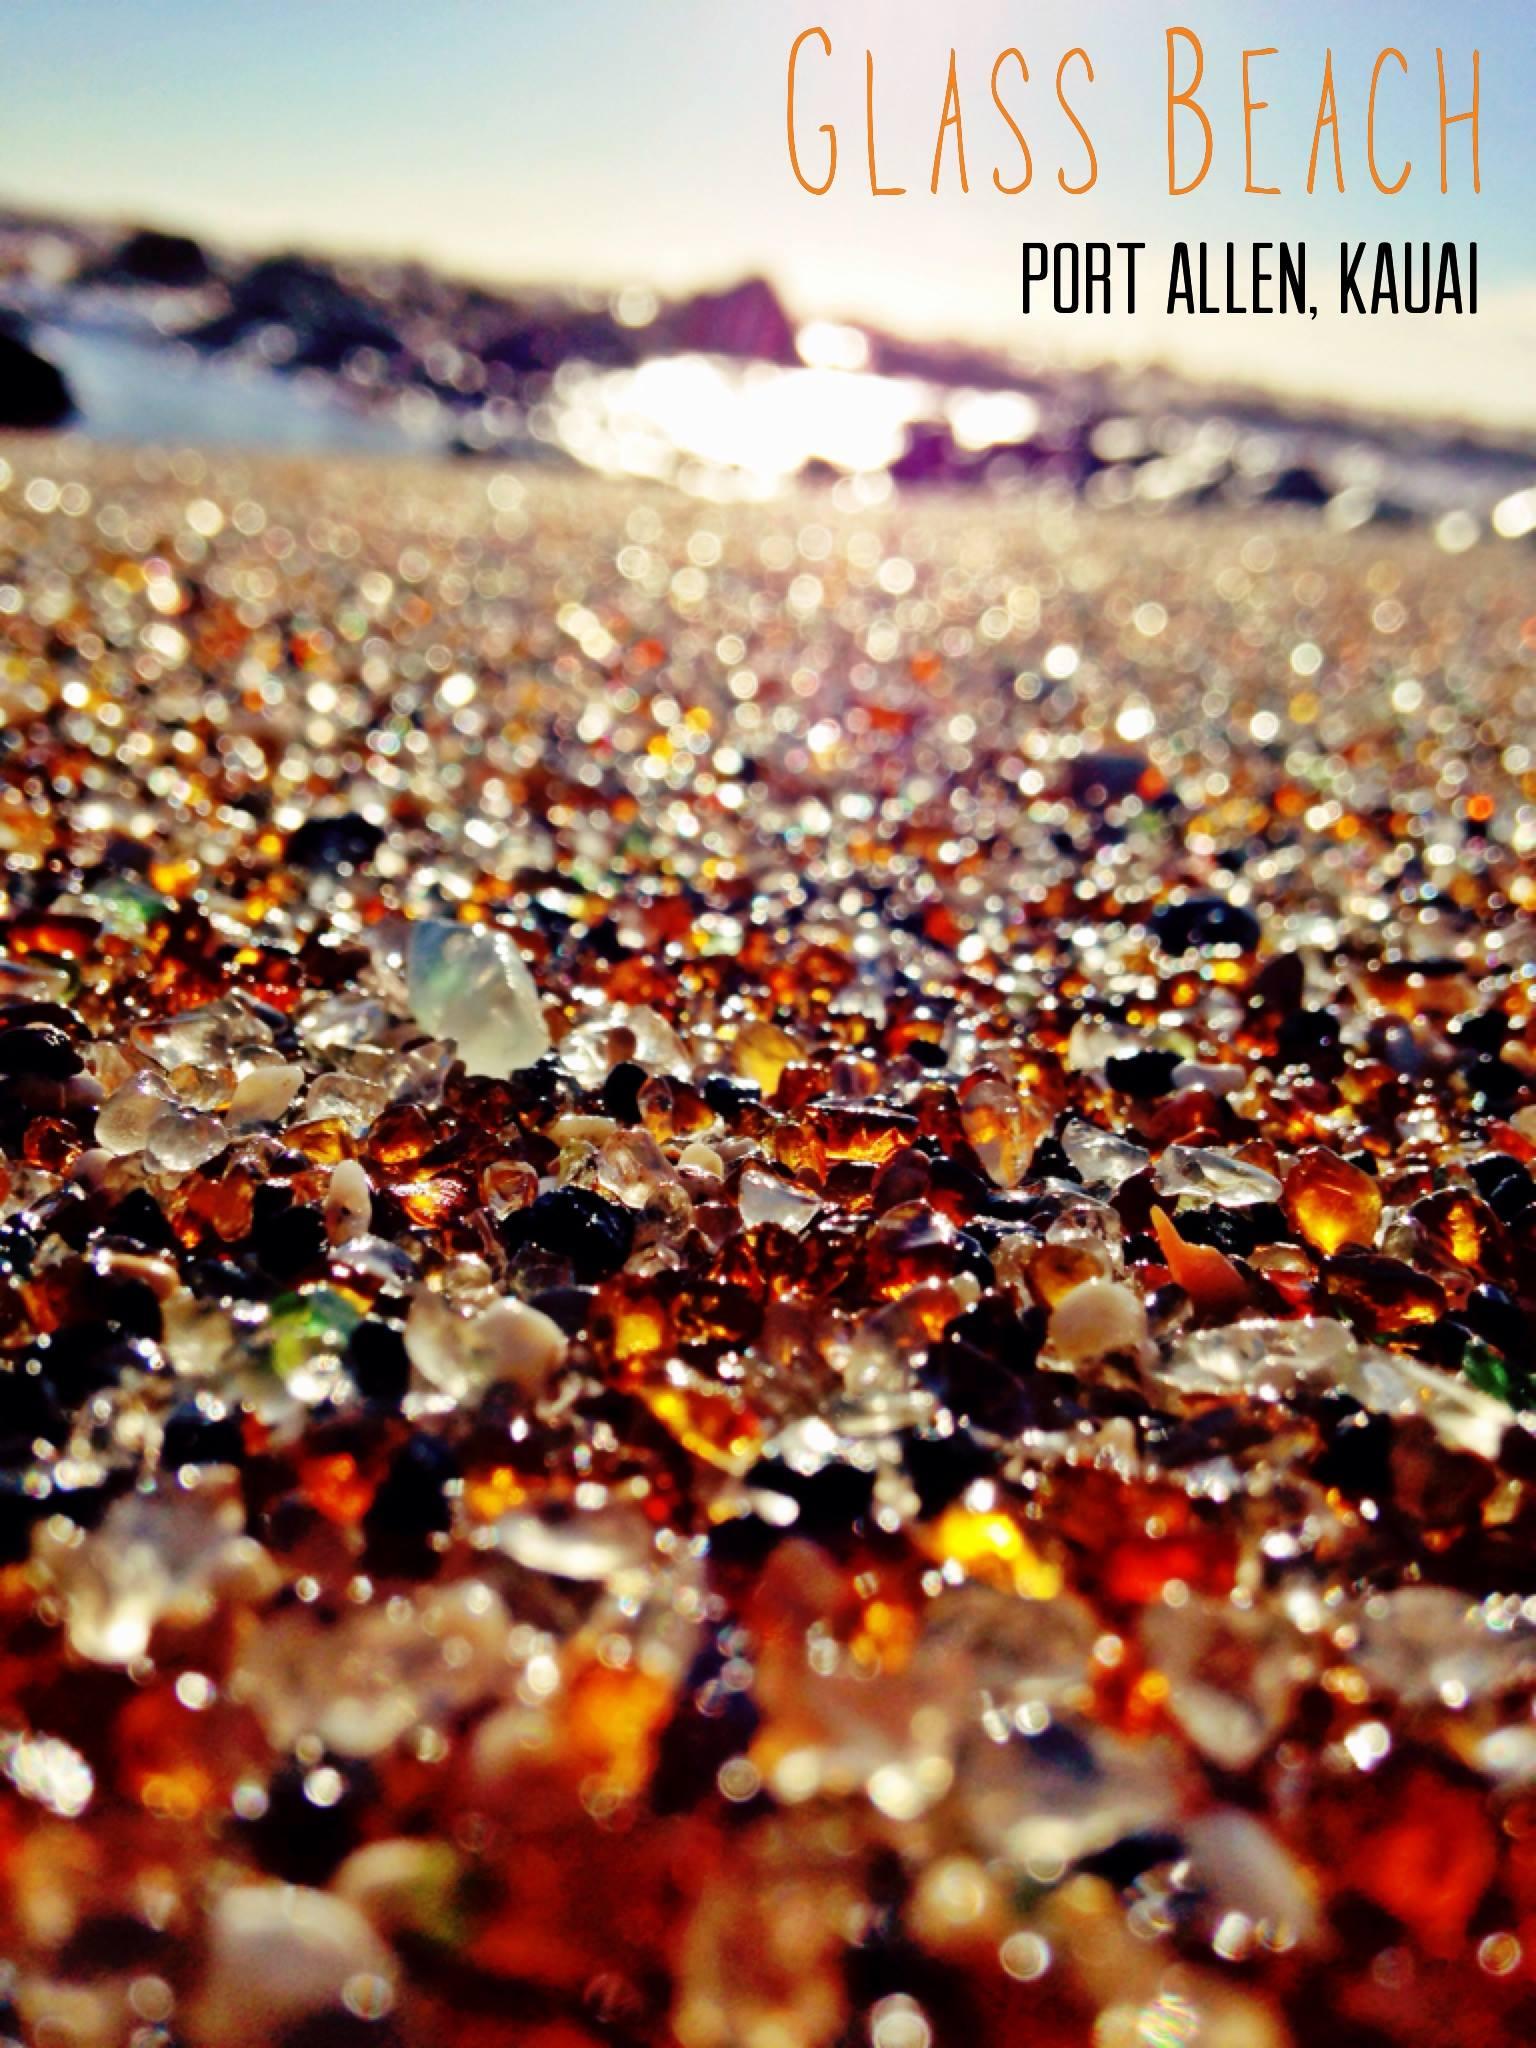 Glass Beach, Port Allen, Kauai, HI